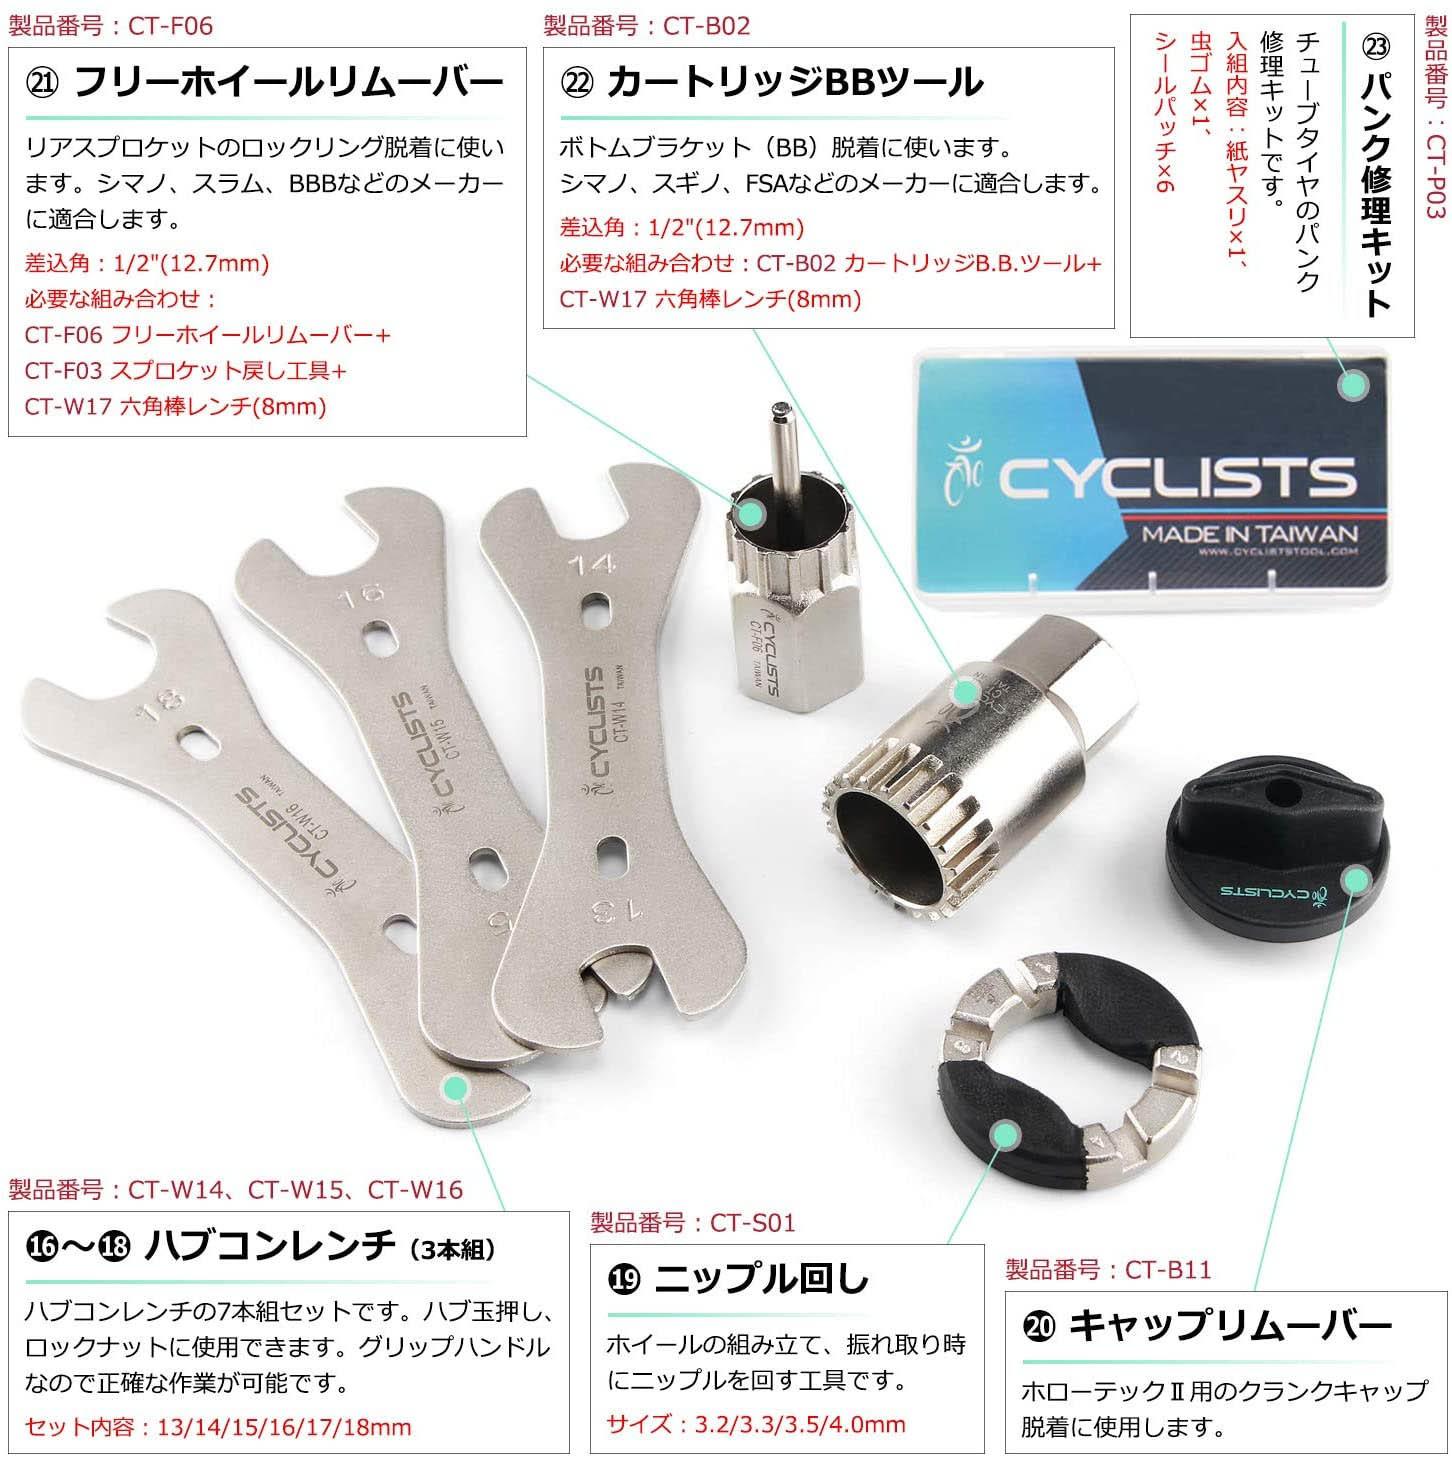 自転車工具